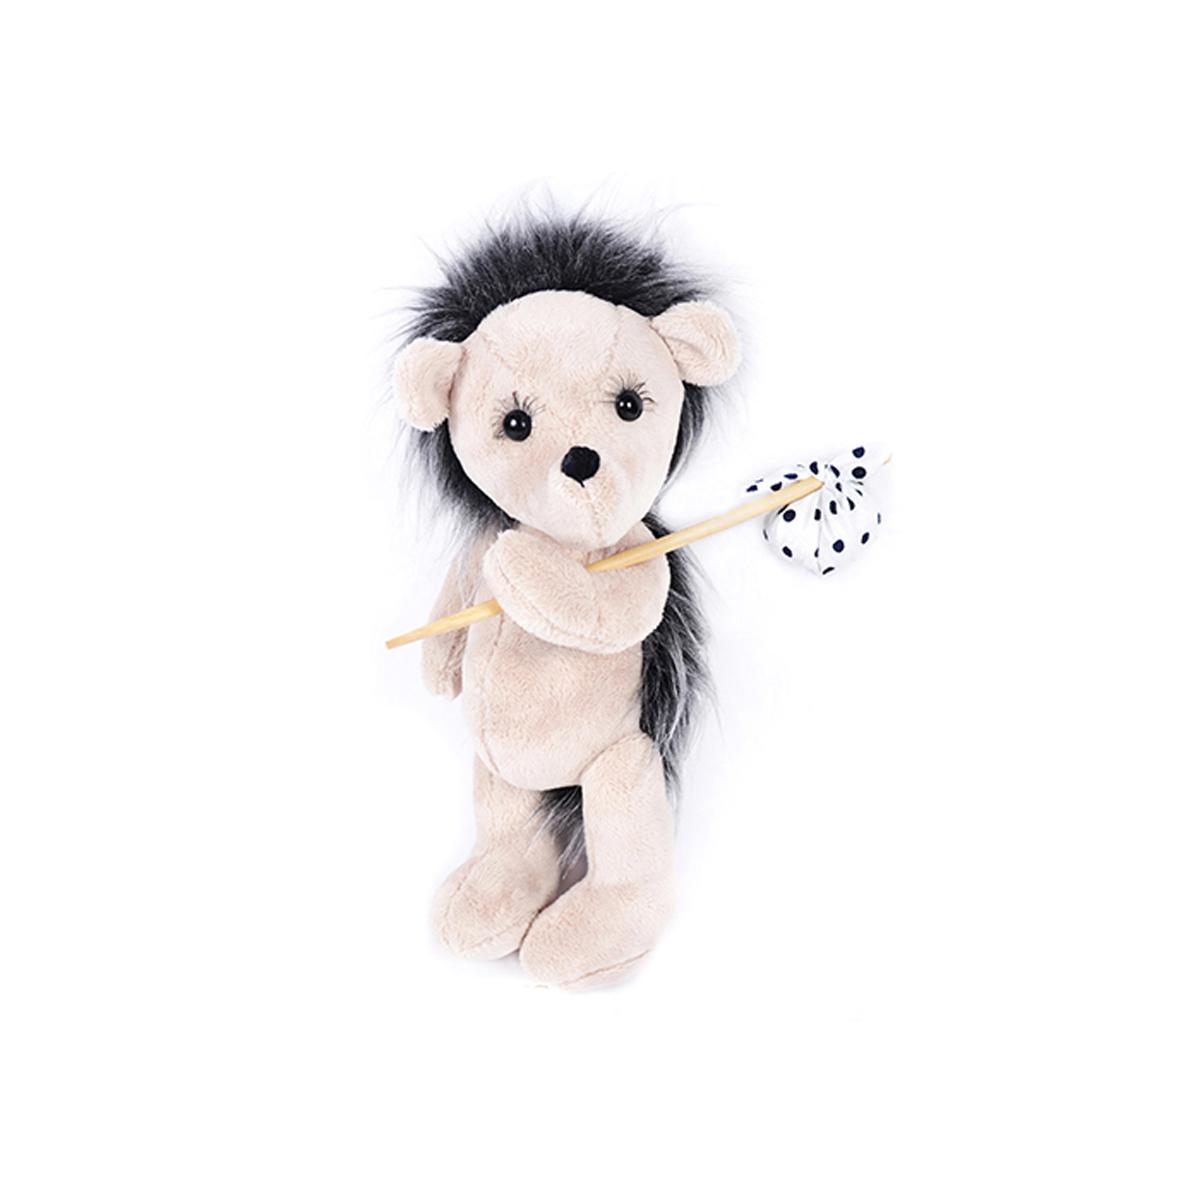 Набор для шитья игрушек Мехомания Ёжик-путешественник, 25 см. ММ-006 сергей москвин мастер класс для диверсанта